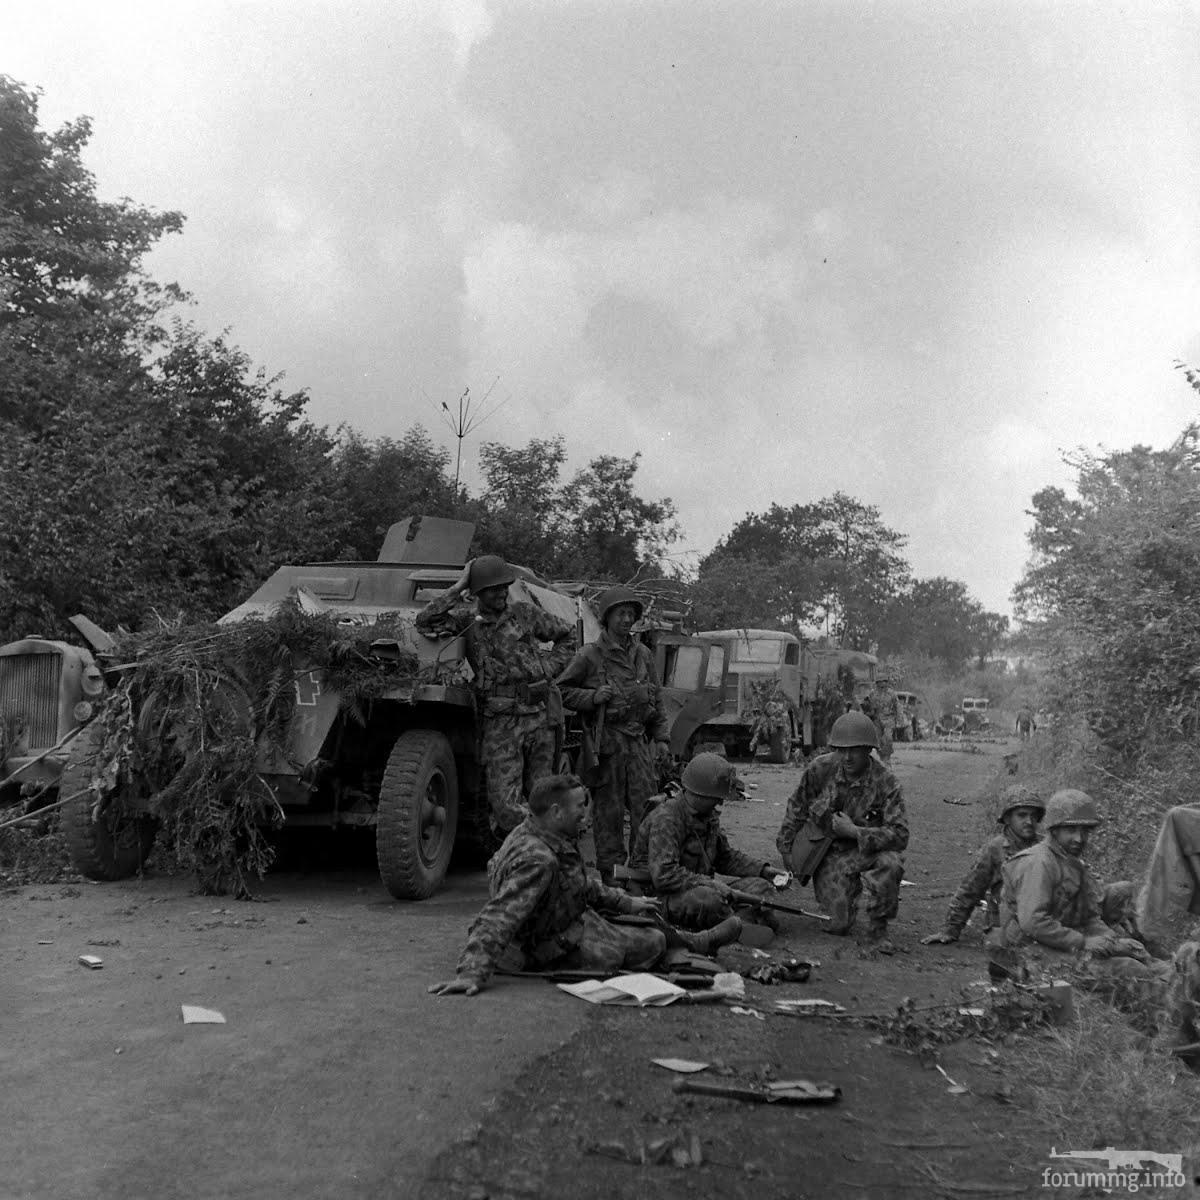 120645 - Военное фото 1939-1945 г.г. Западный фронт и Африка.